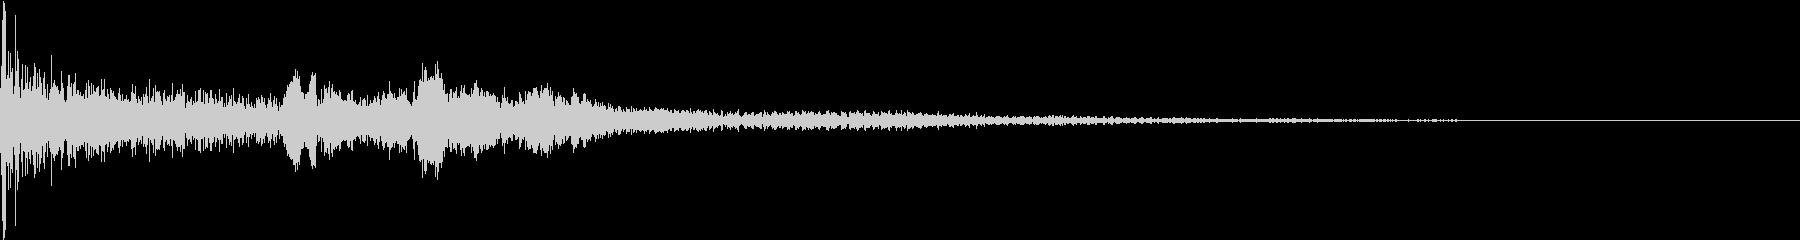 劇的なヒットロゴの未再生の波形